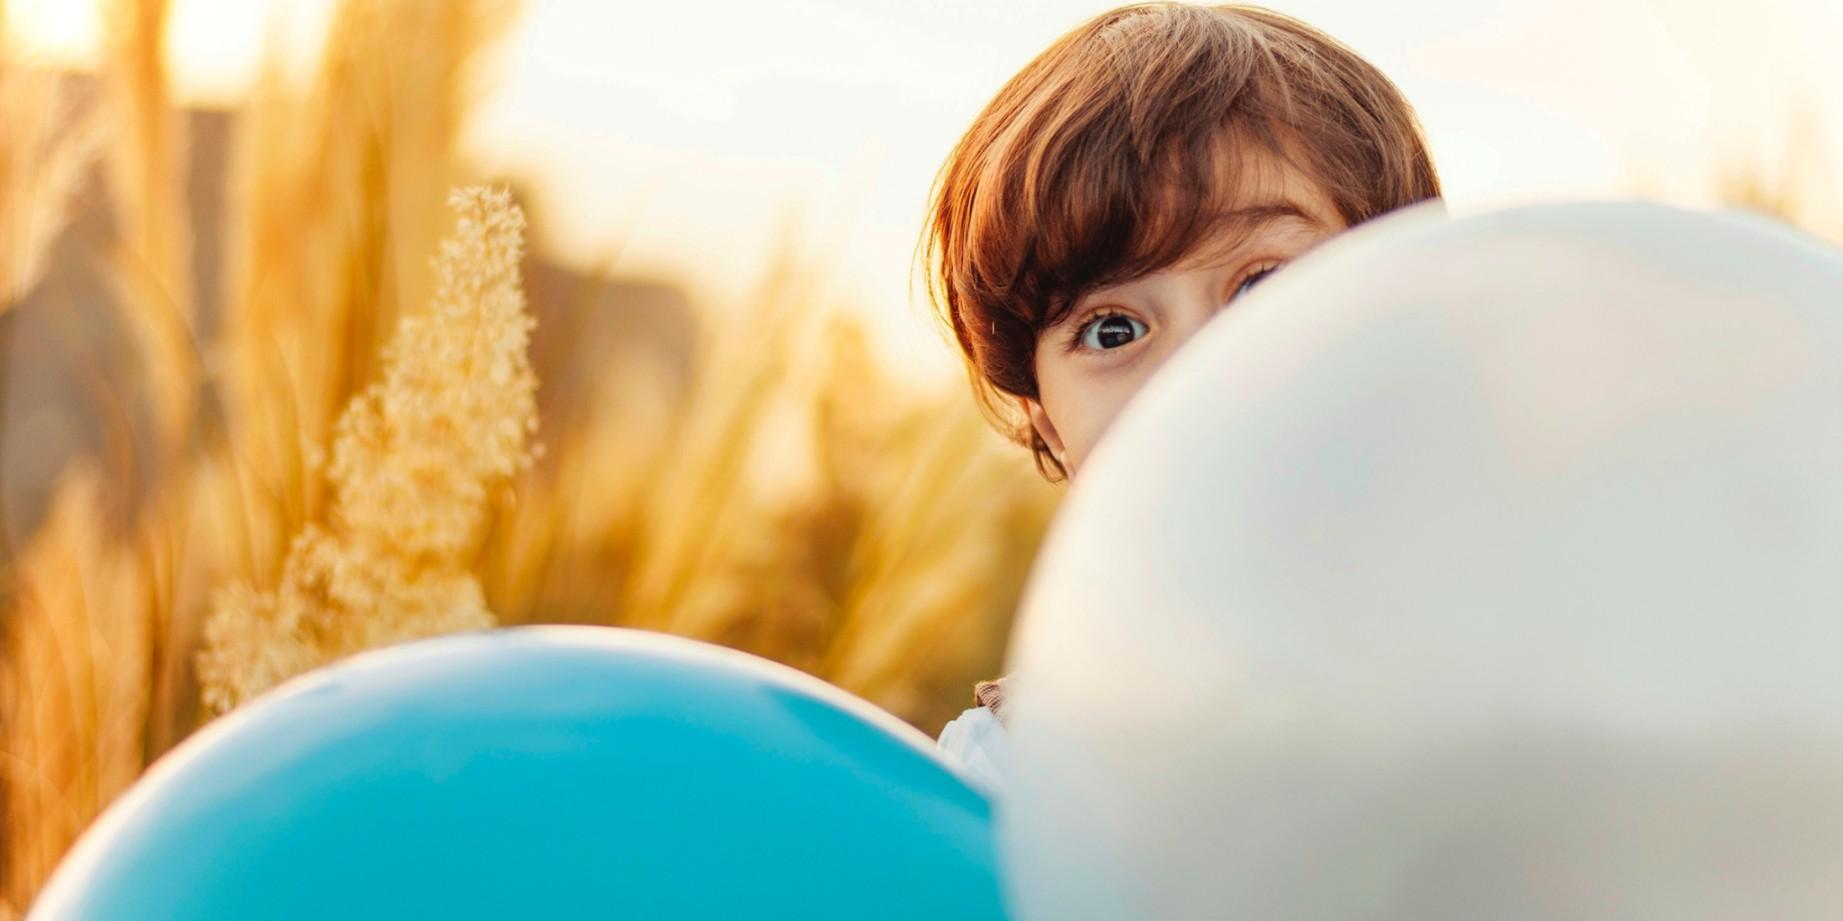 Nombres para niños: nombres para niños no comunes y su significado